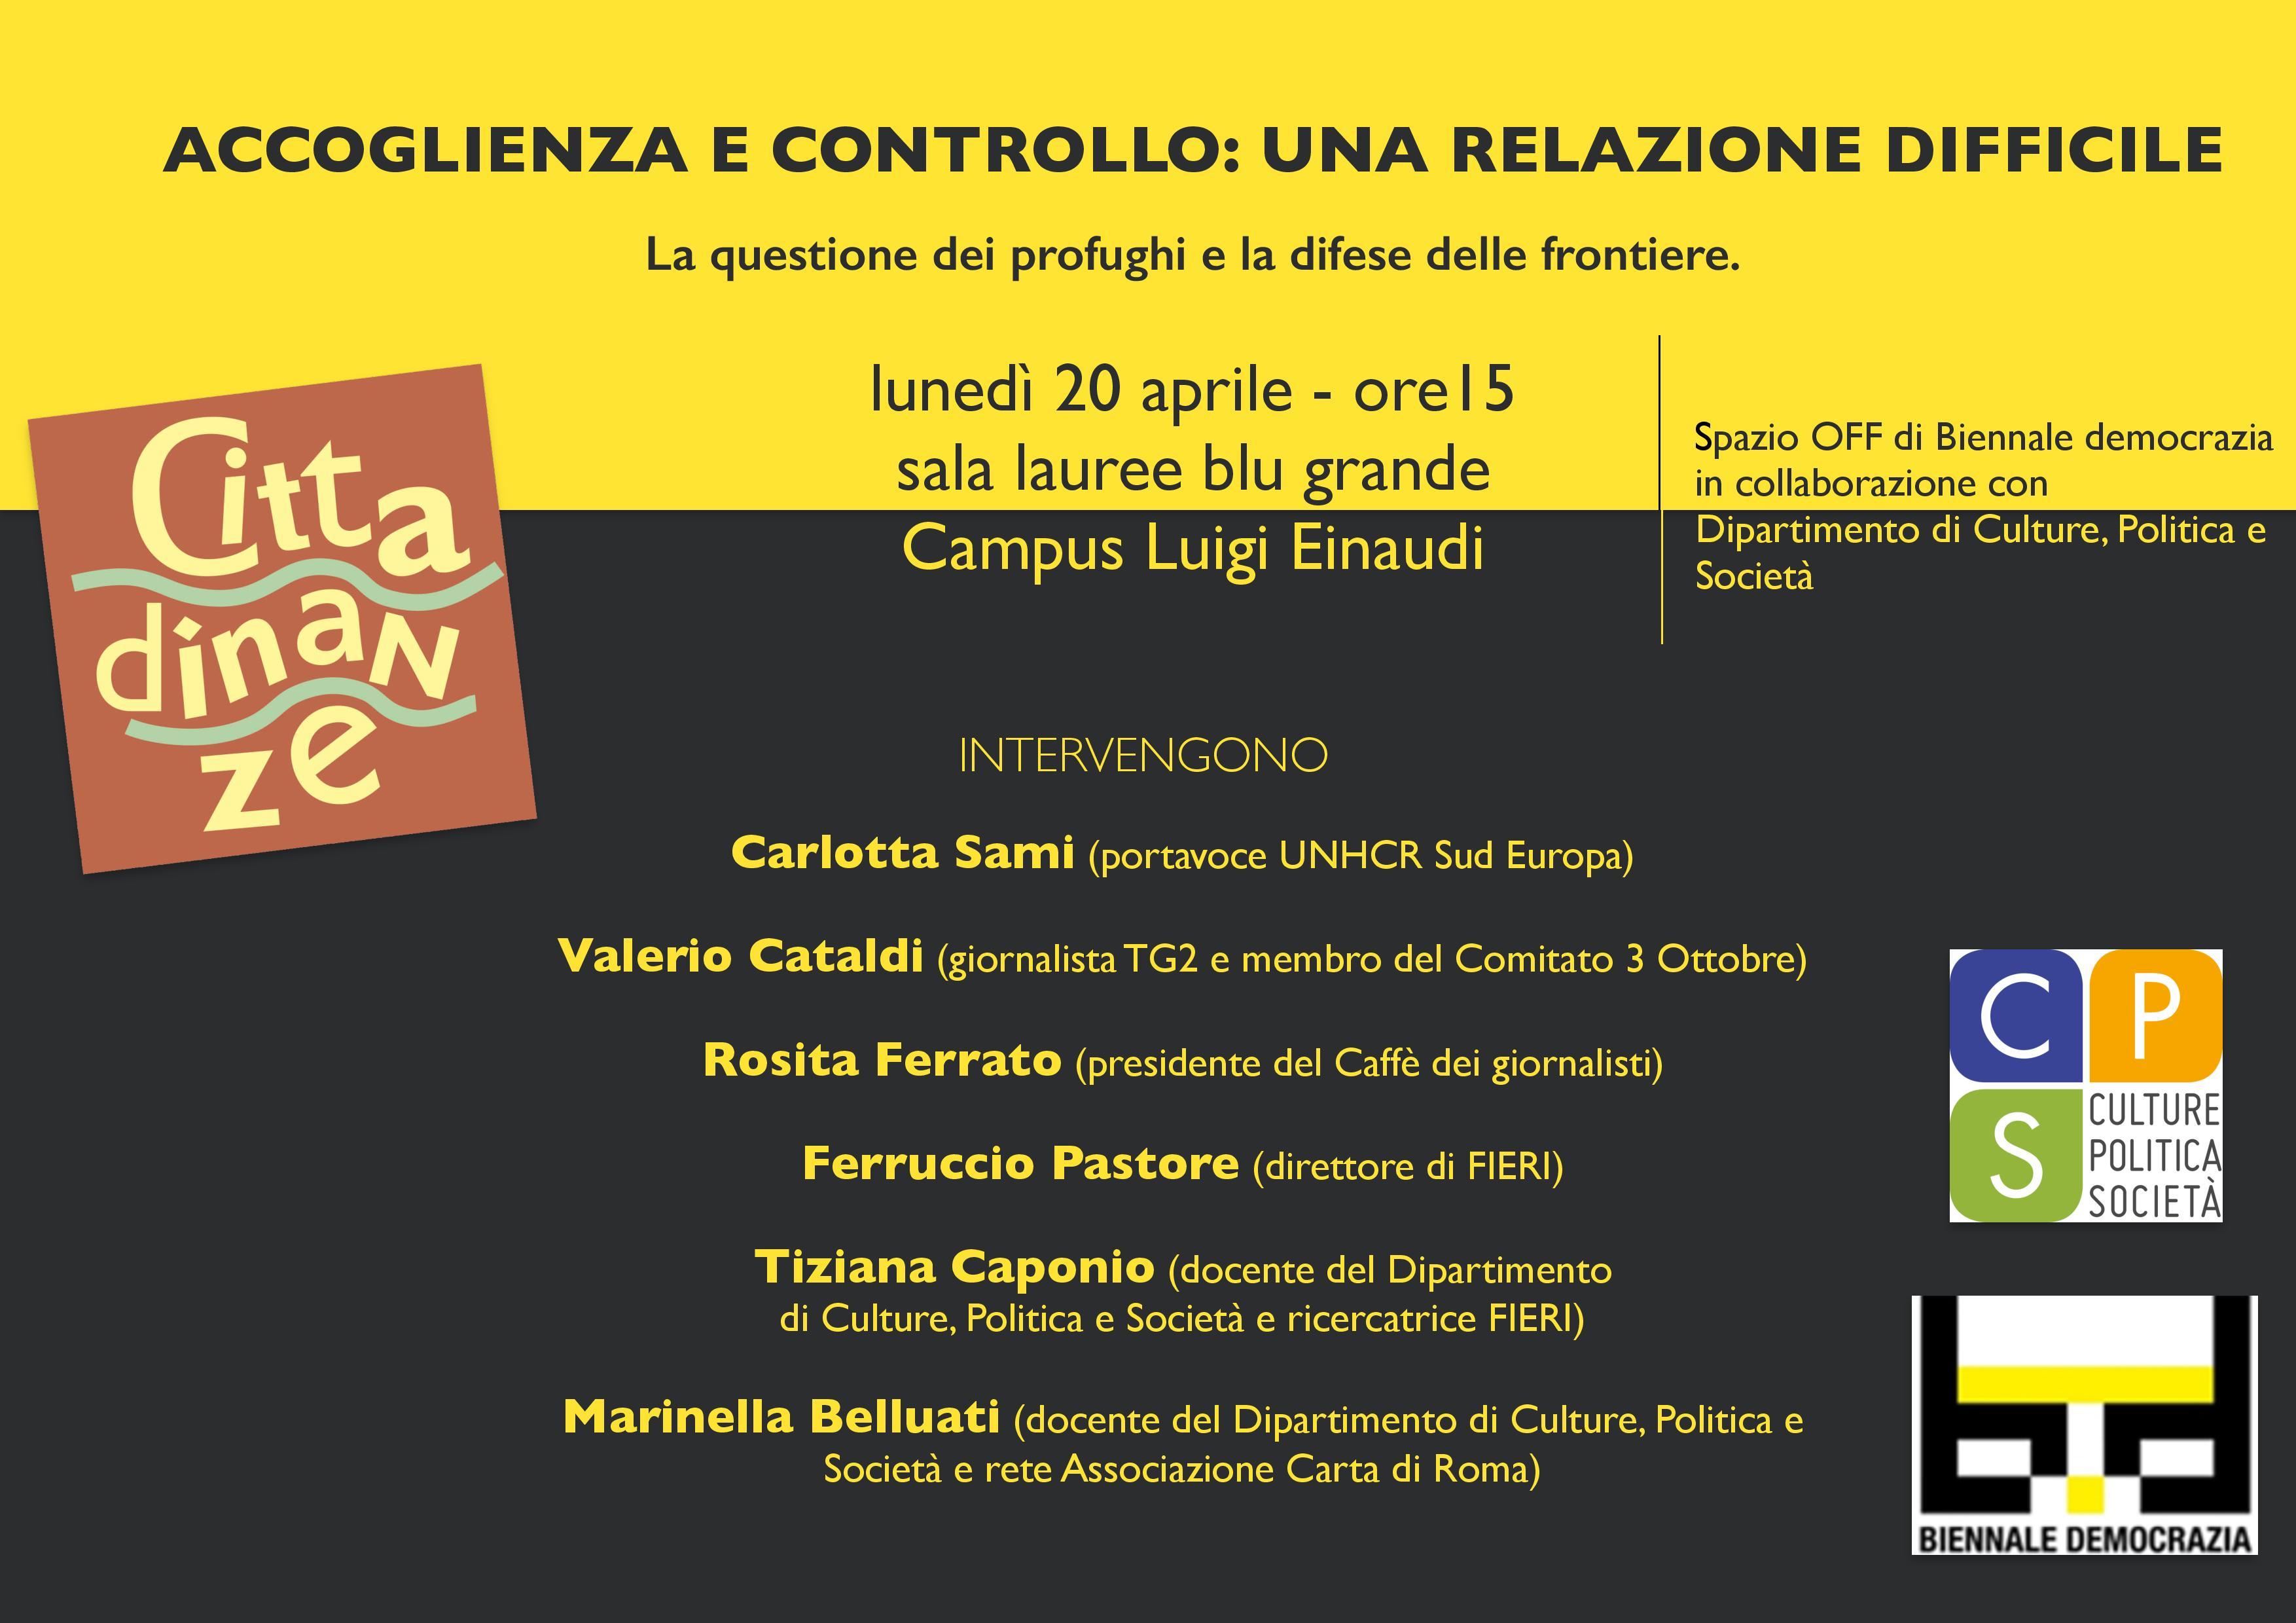 Accoglienza e controllo: una relazione difficile. A Torino un incontro aperto nell'ambito della Biennale della Democrazia